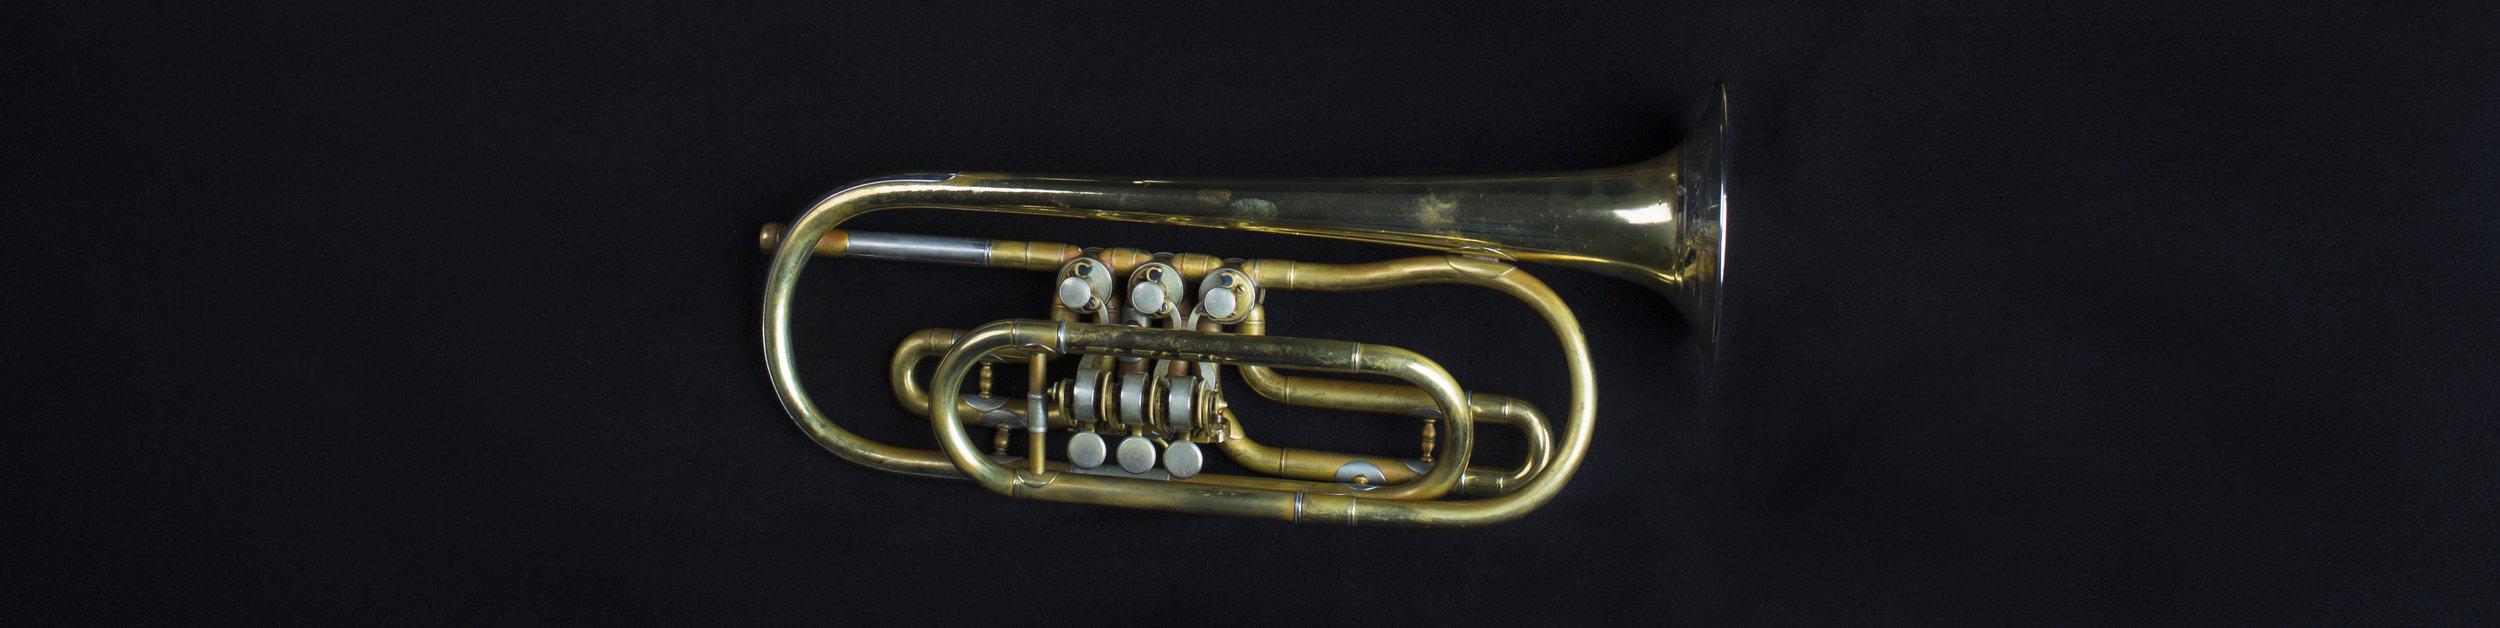 Heckel Trumpet in F Alto, 1882